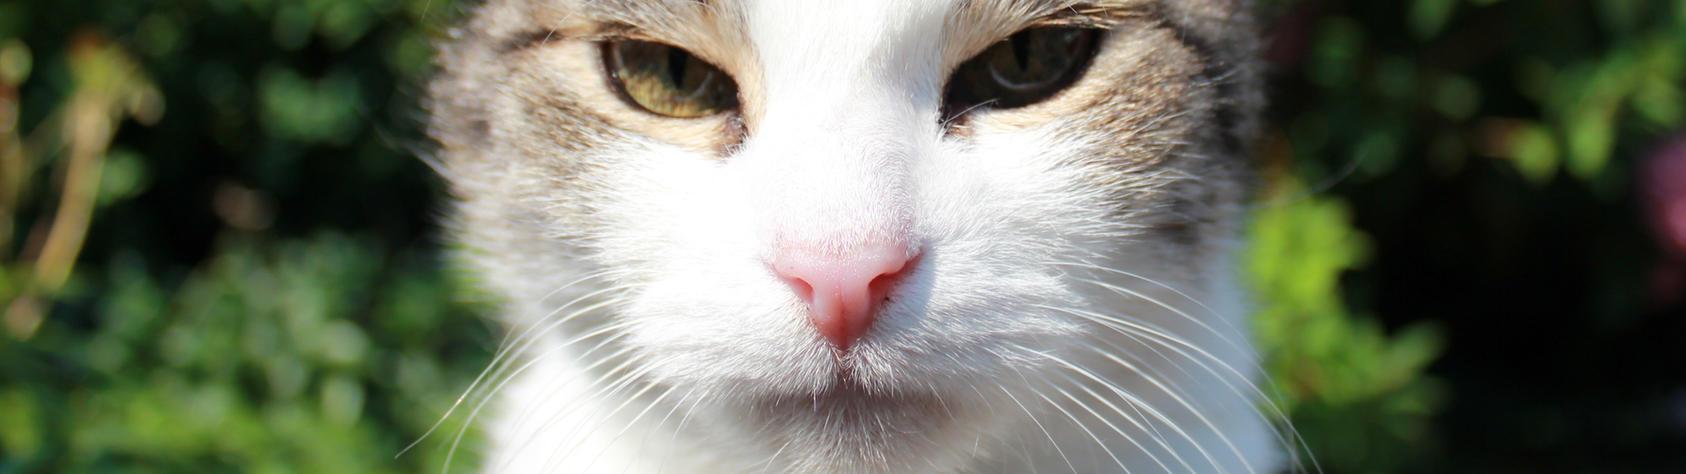 dual screen 3840x1080 my cat by Heathrip666